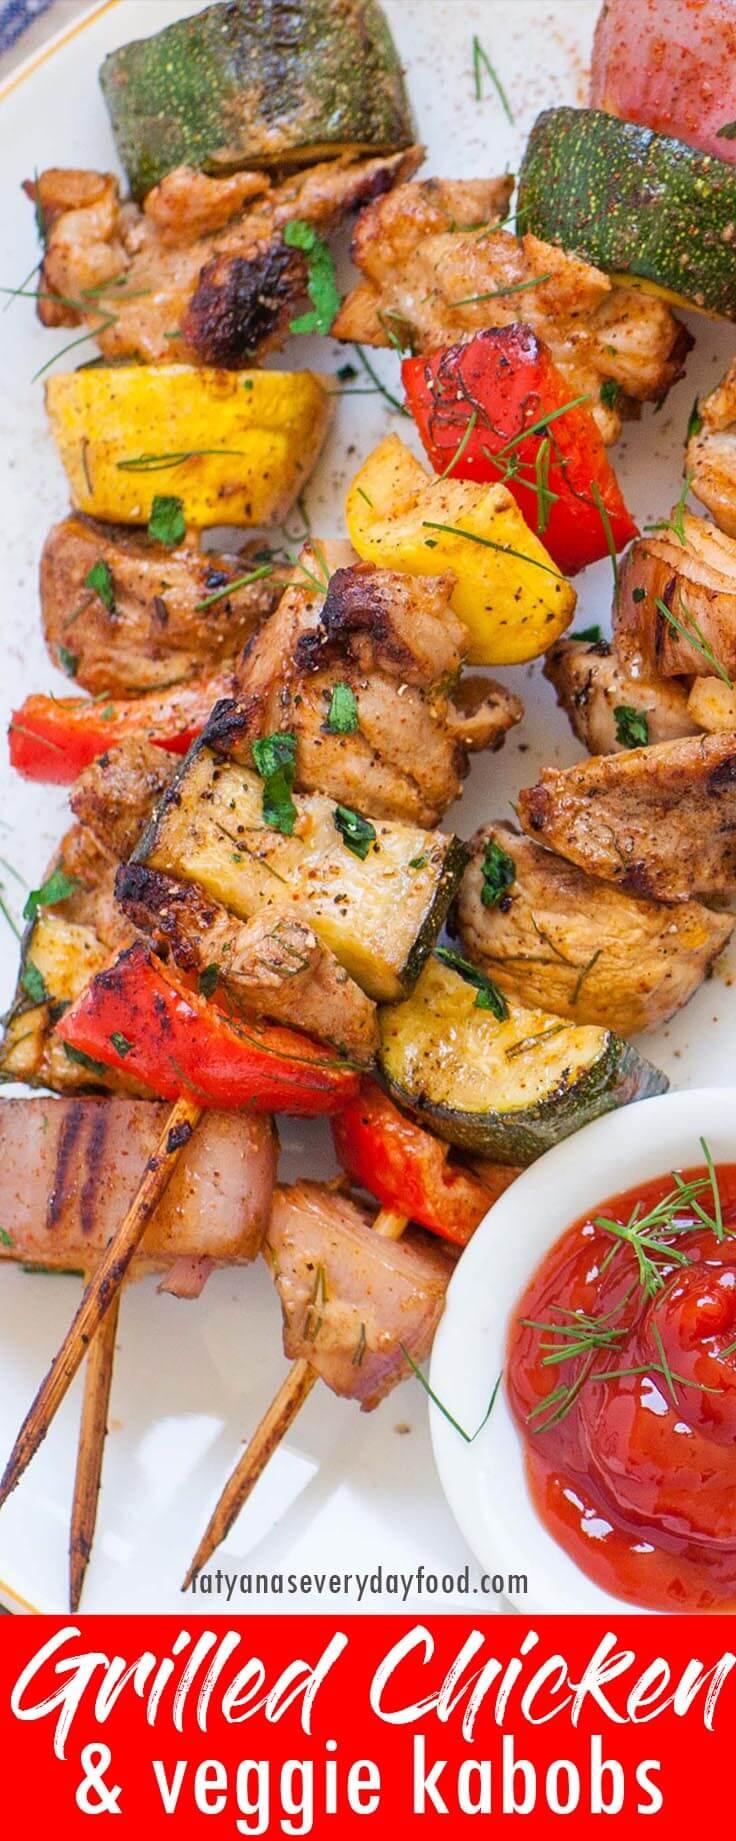 Grilled Chicken & Veggie Kabobs video recipe